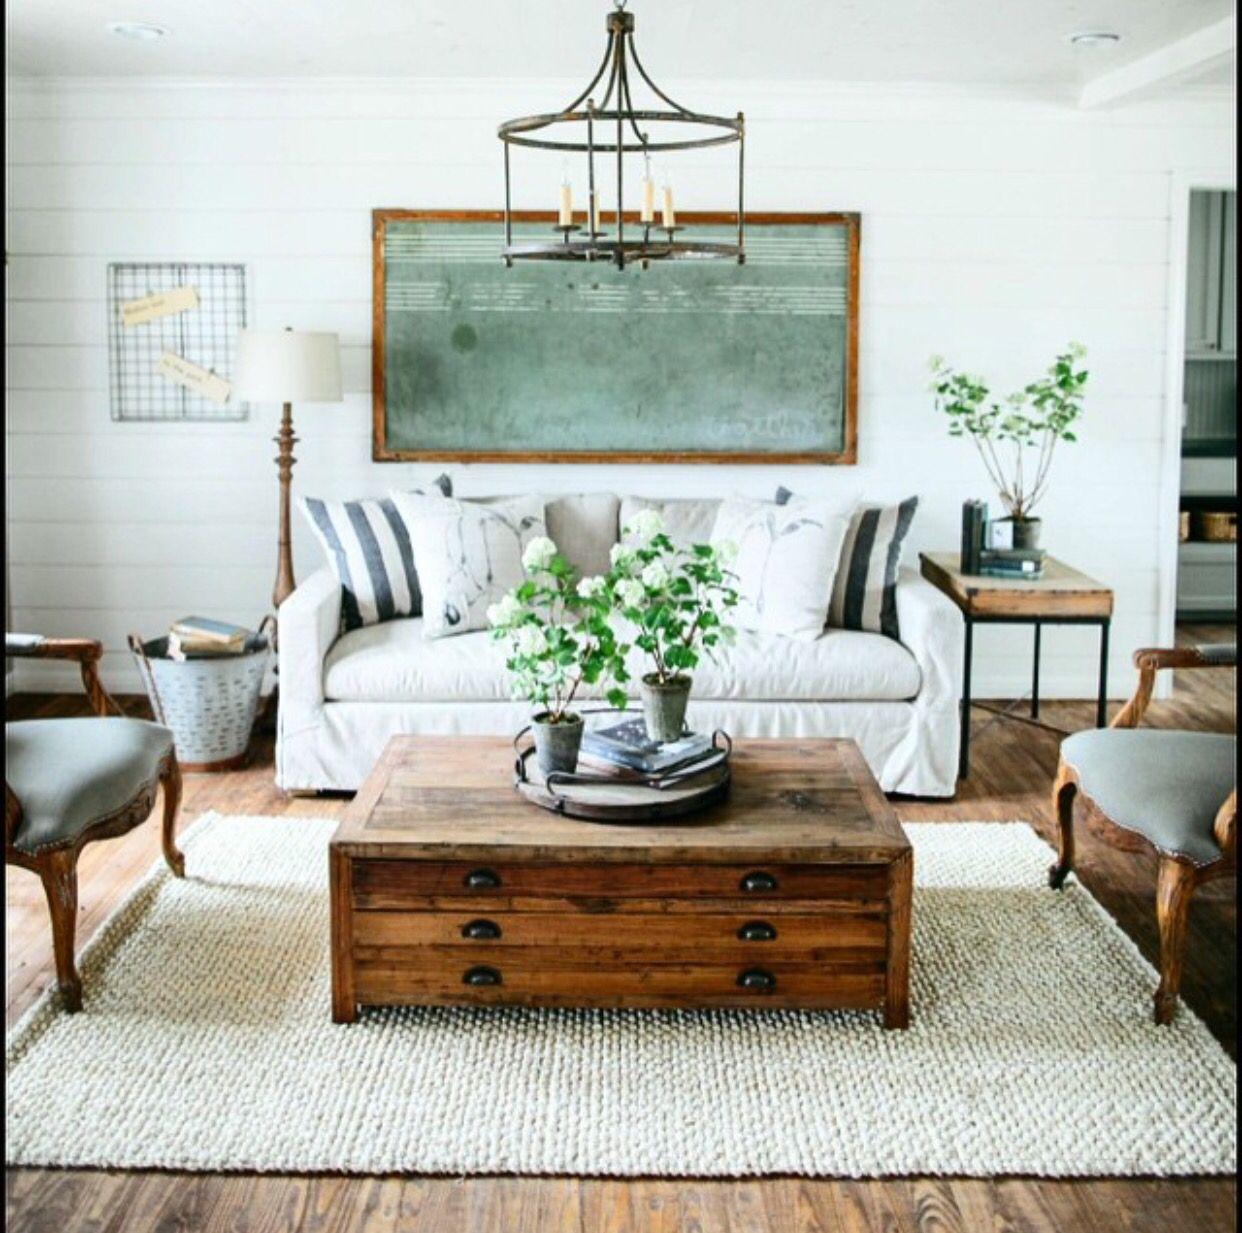 Pin von Abby auf Home Sweet Home | Pinterest | Zuhause, Wohnzimmer ...